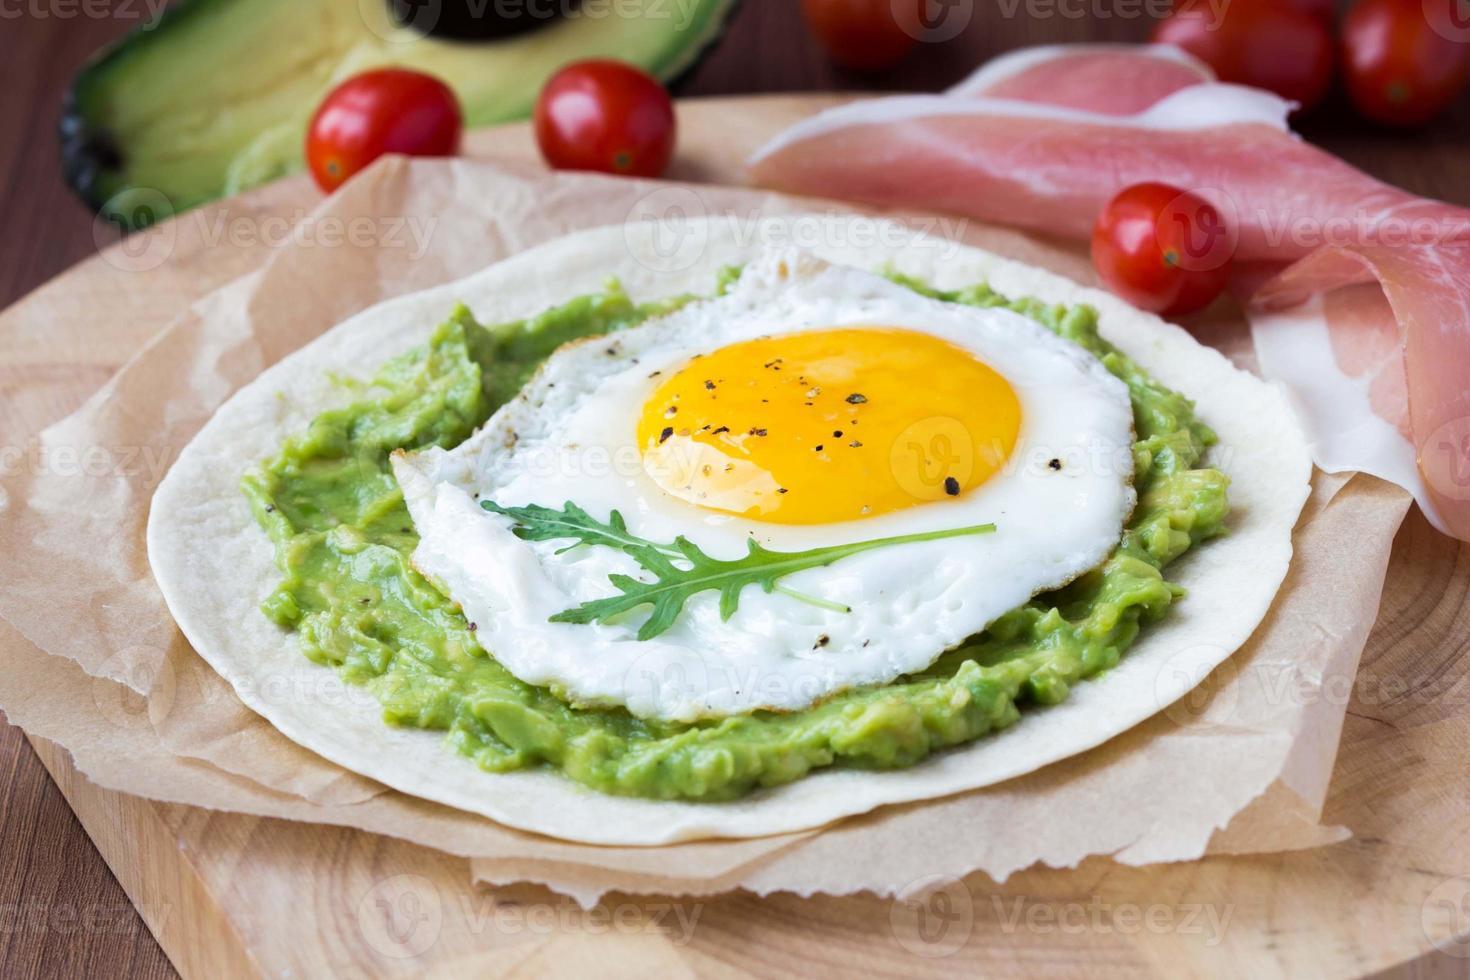 desayuno con huevo frito y salsa de aguacate sobre tortilla foto